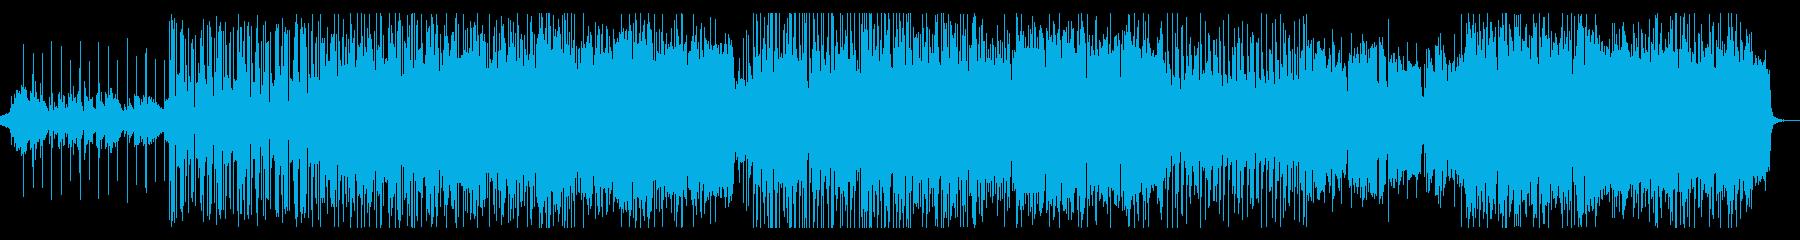 少し切ないラブバラードの再生済みの波形